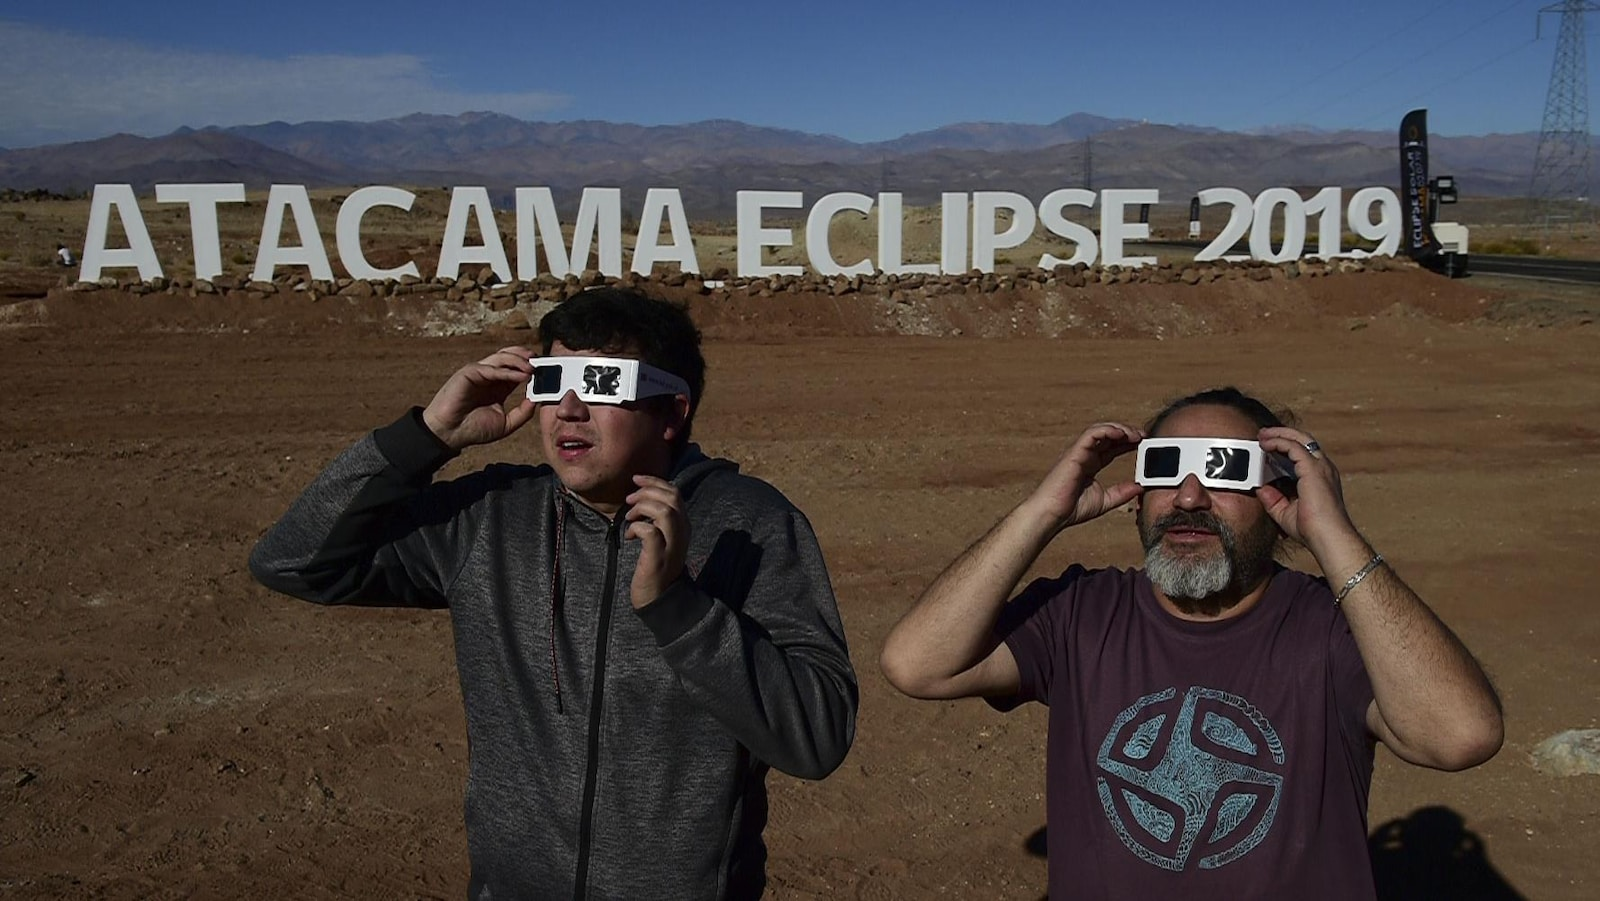 Le Chili, spectateur privilégié d'une éclipse totale du soleil